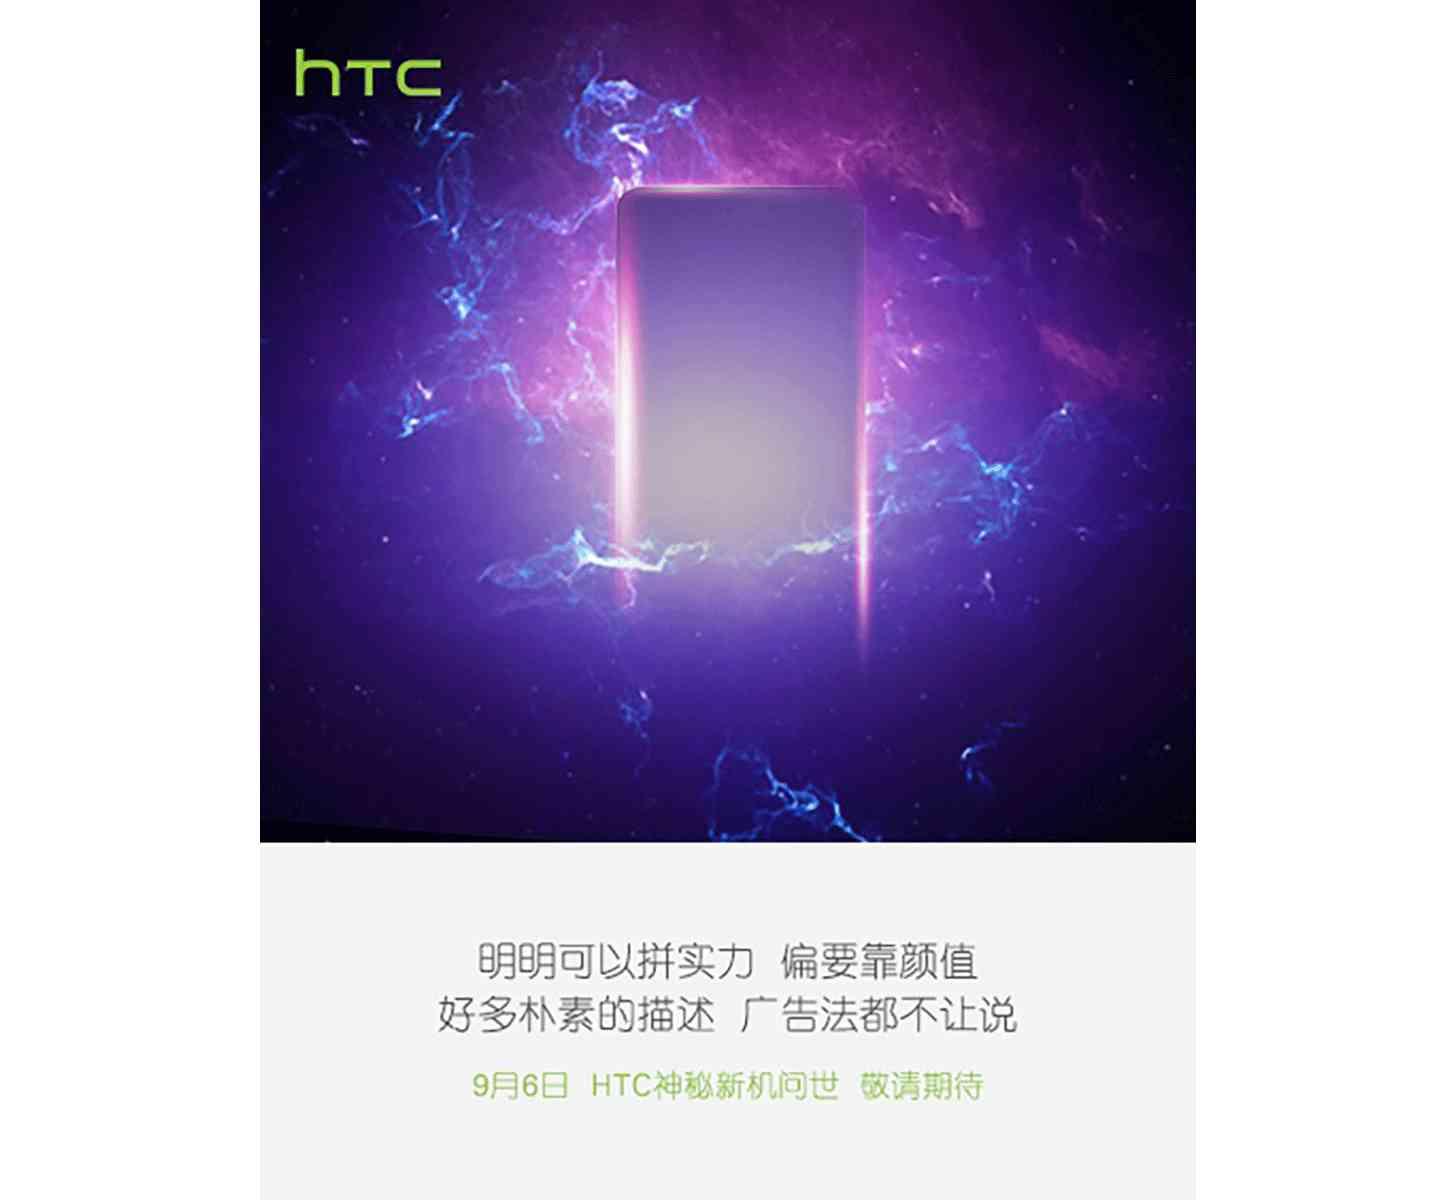 HTC teaser September 6 large